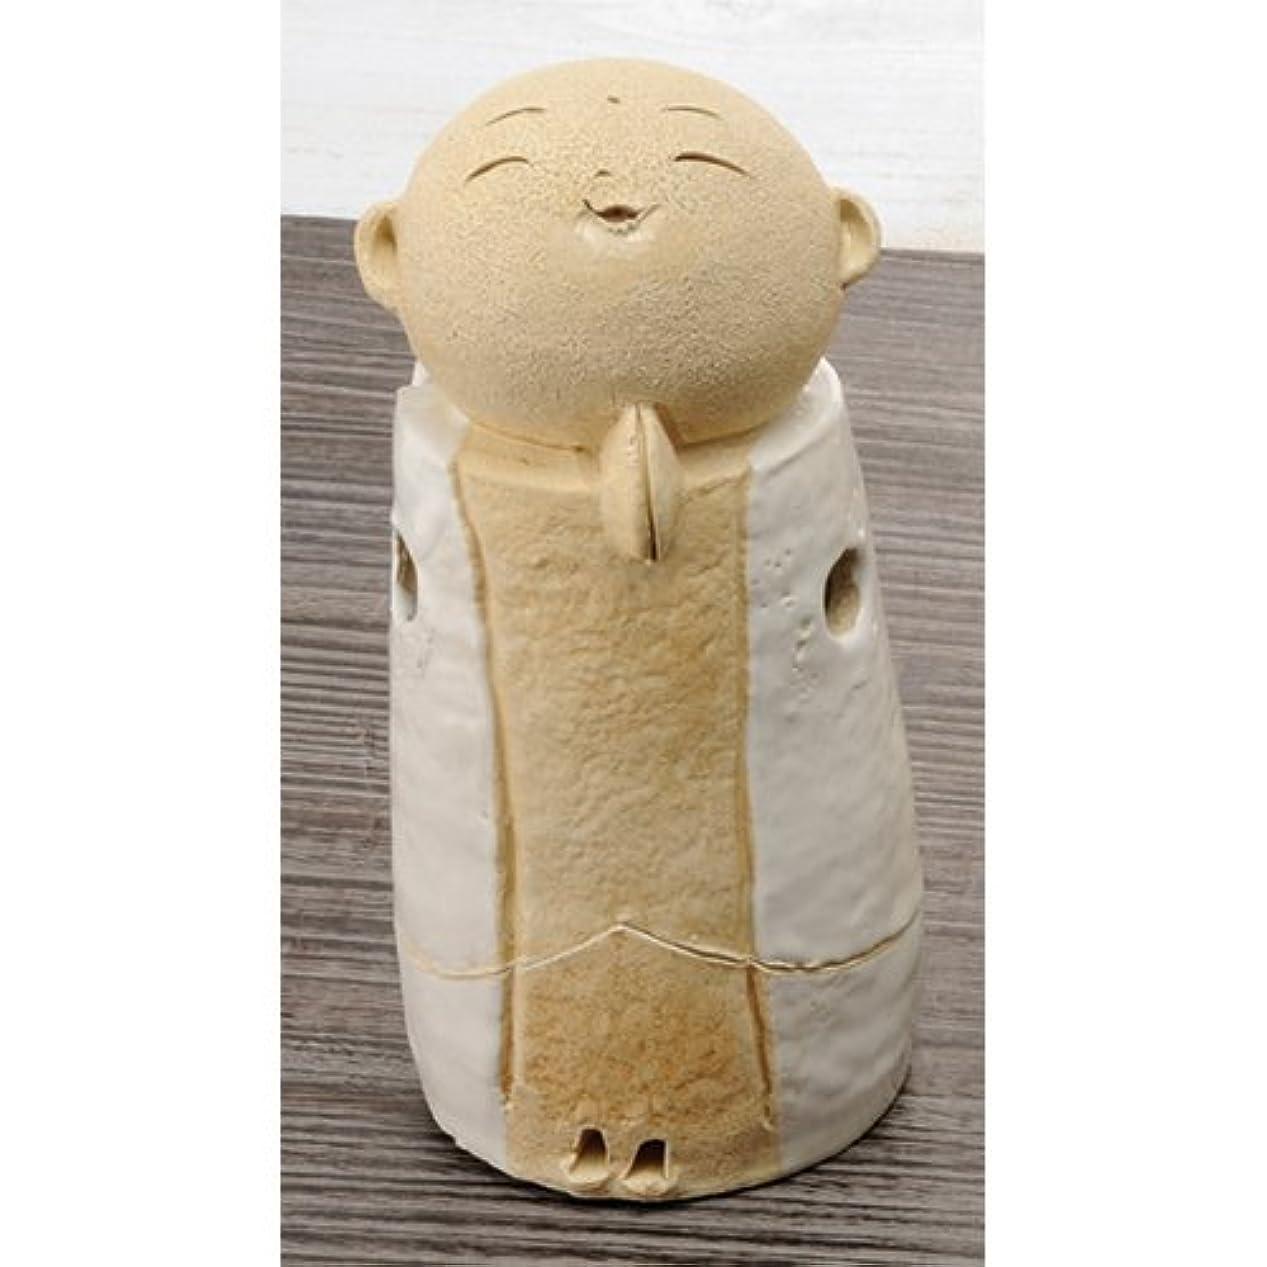 お地蔵様 香炉シリーズ 白 お地蔵様 香炉 5.3寸(大) [H15.5cm] HANDMADE プレゼント ギフト 和食器 かわいい インテリア